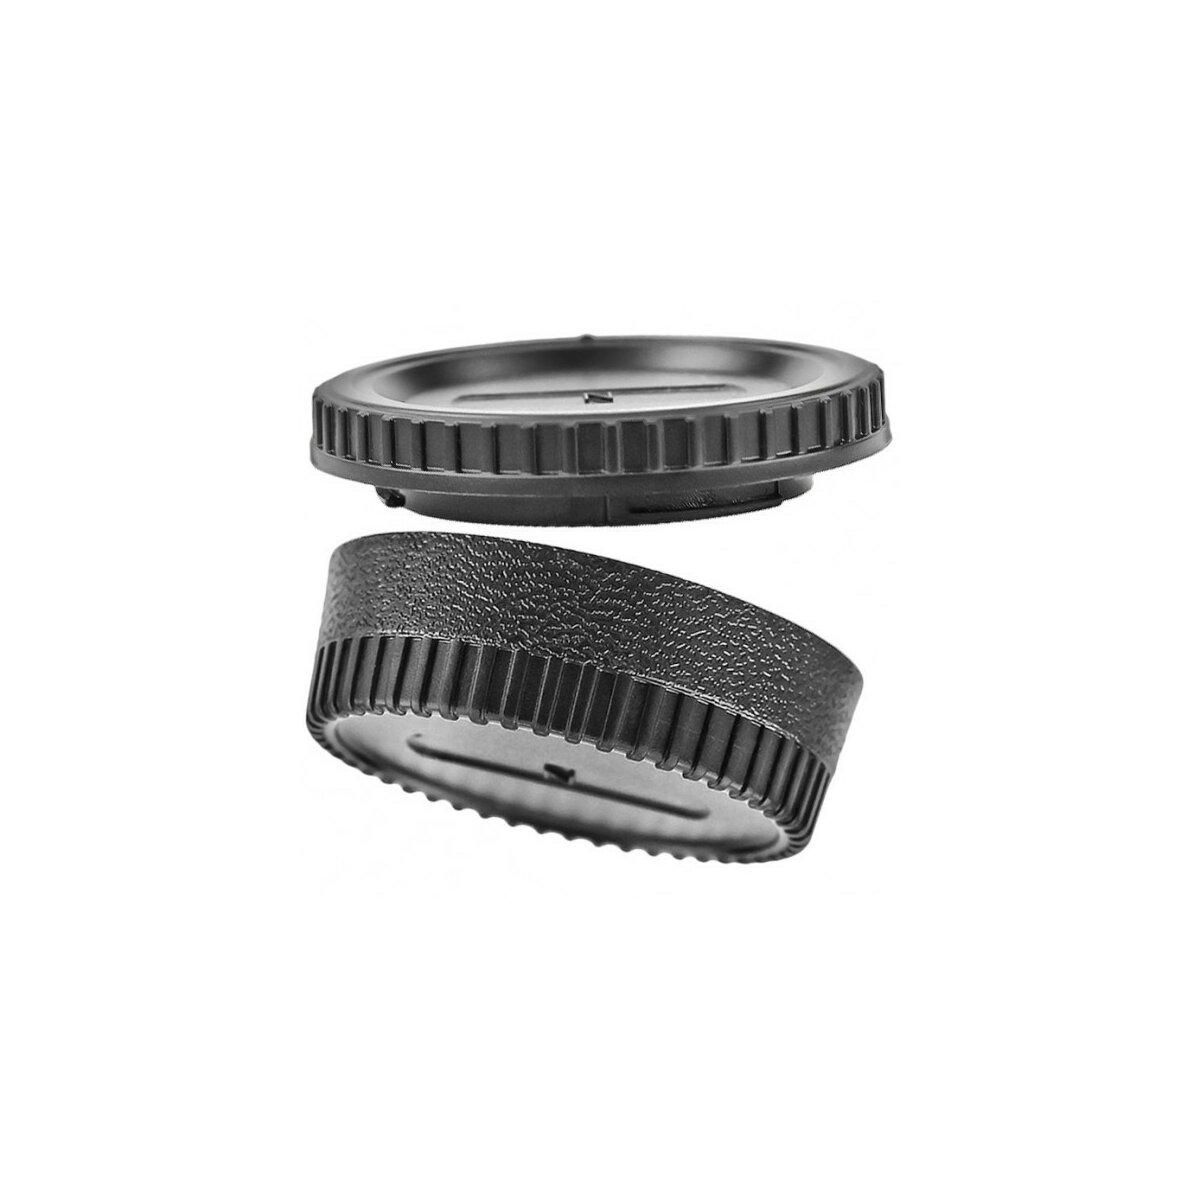 JJC Gehäuse- und Objektiv Rückdeckel kompatibel mit Nikon DSLR Spiegelreflexkameras